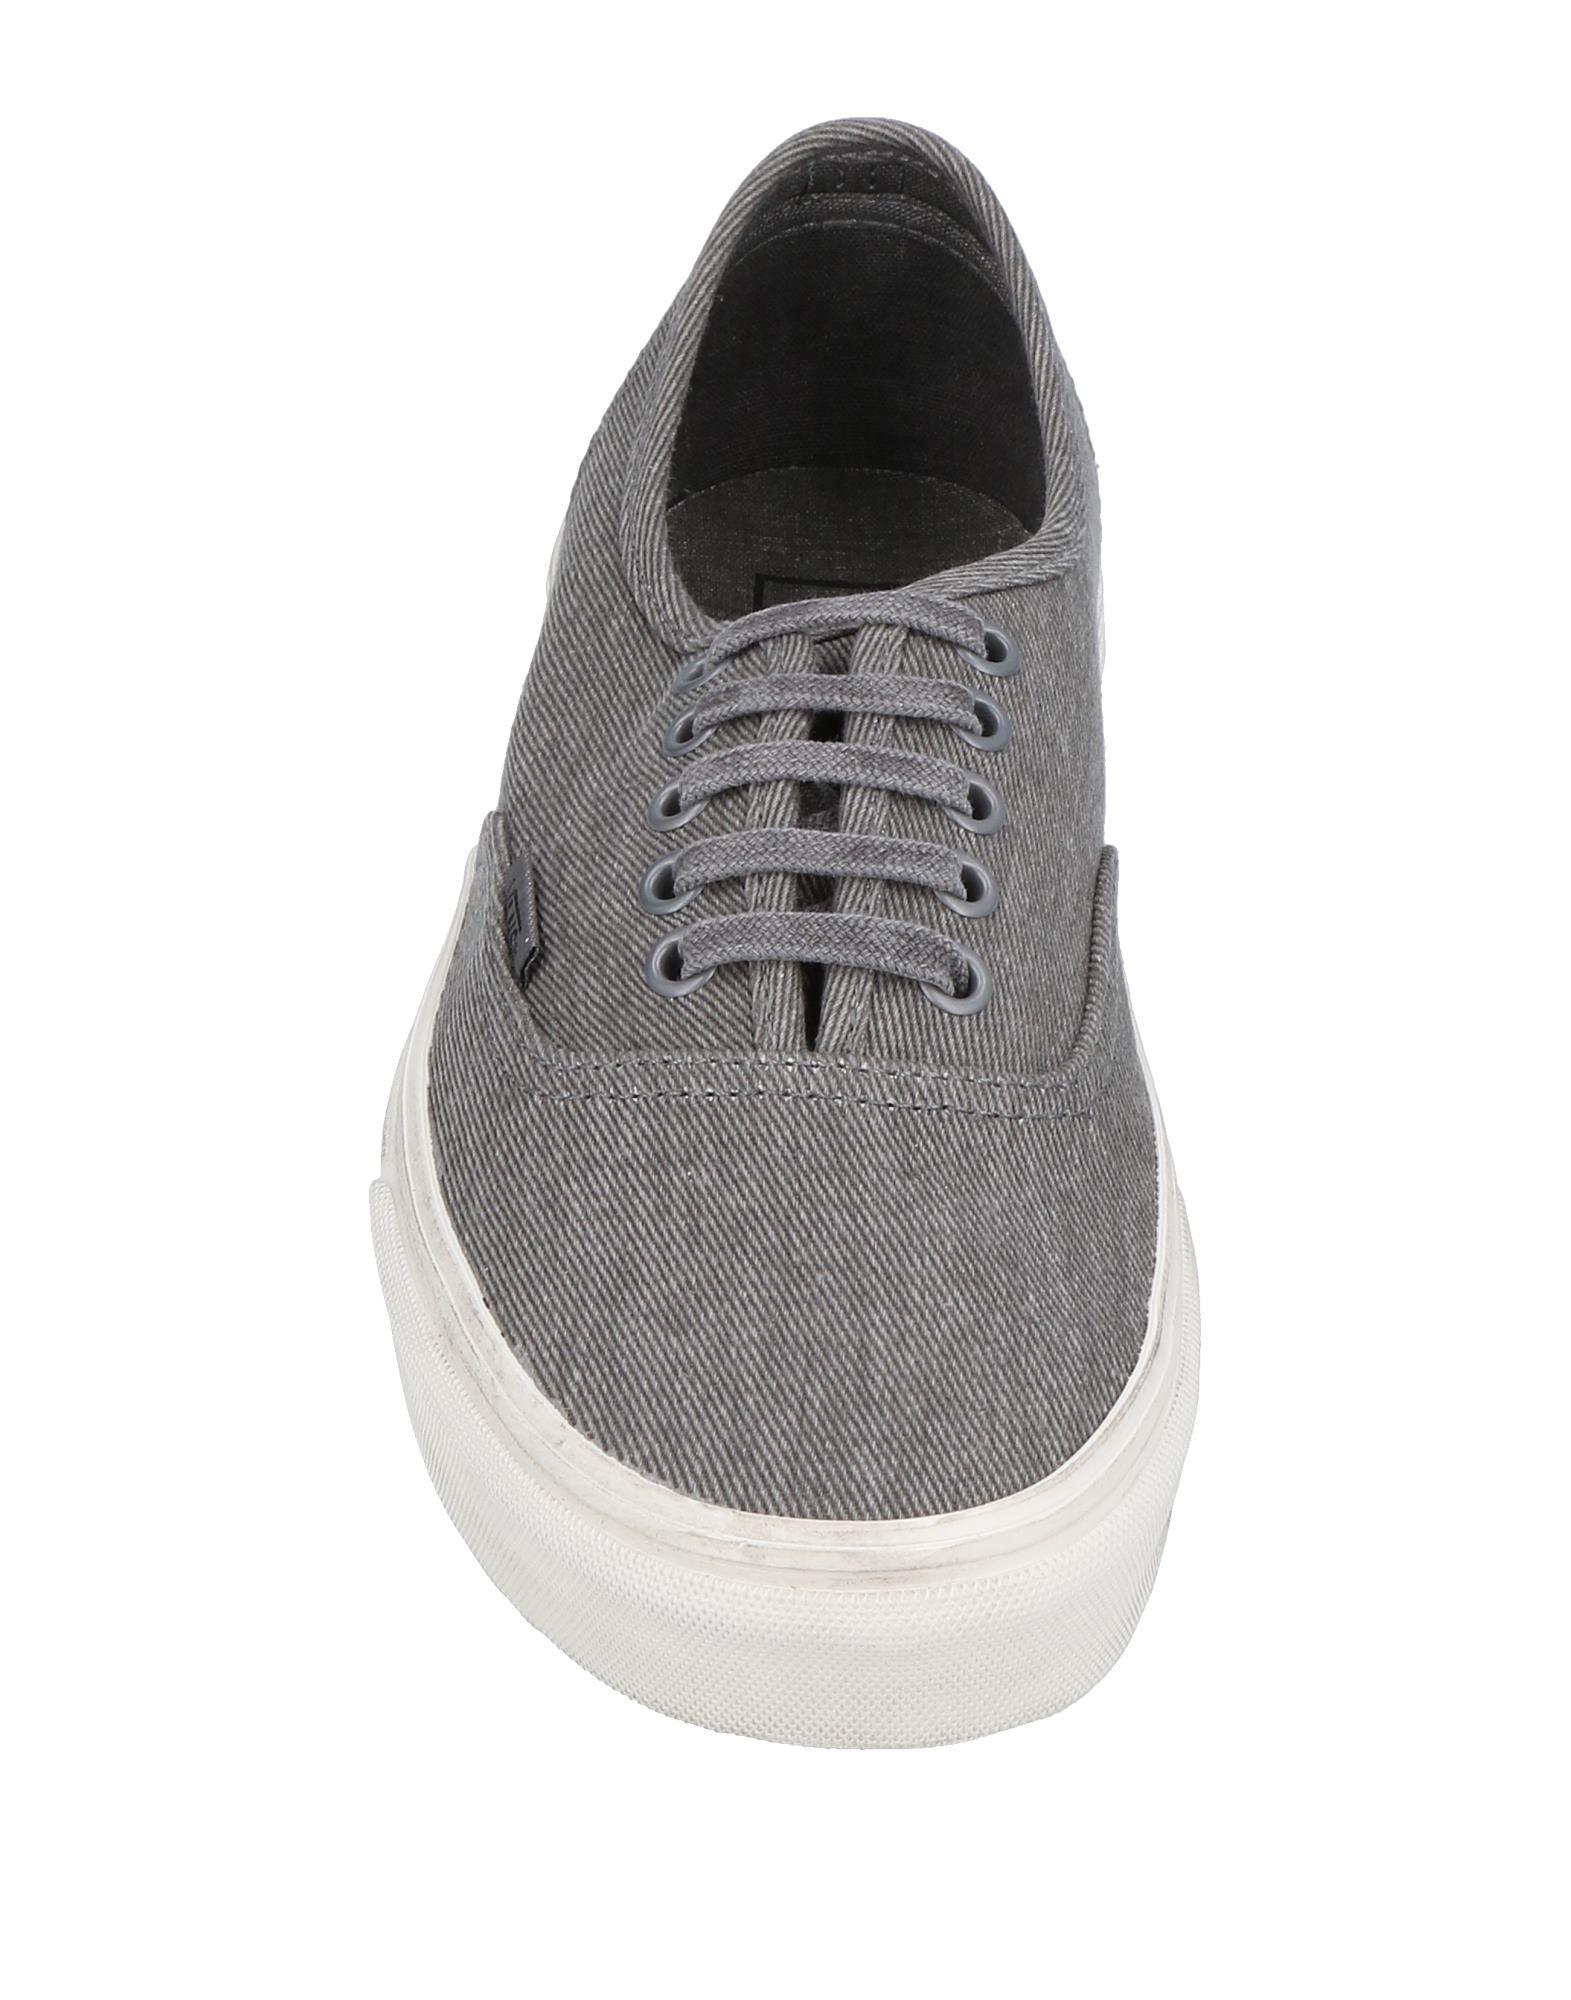 11468997FQ Vans Sneakers Herren  11468997FQ  dc5720